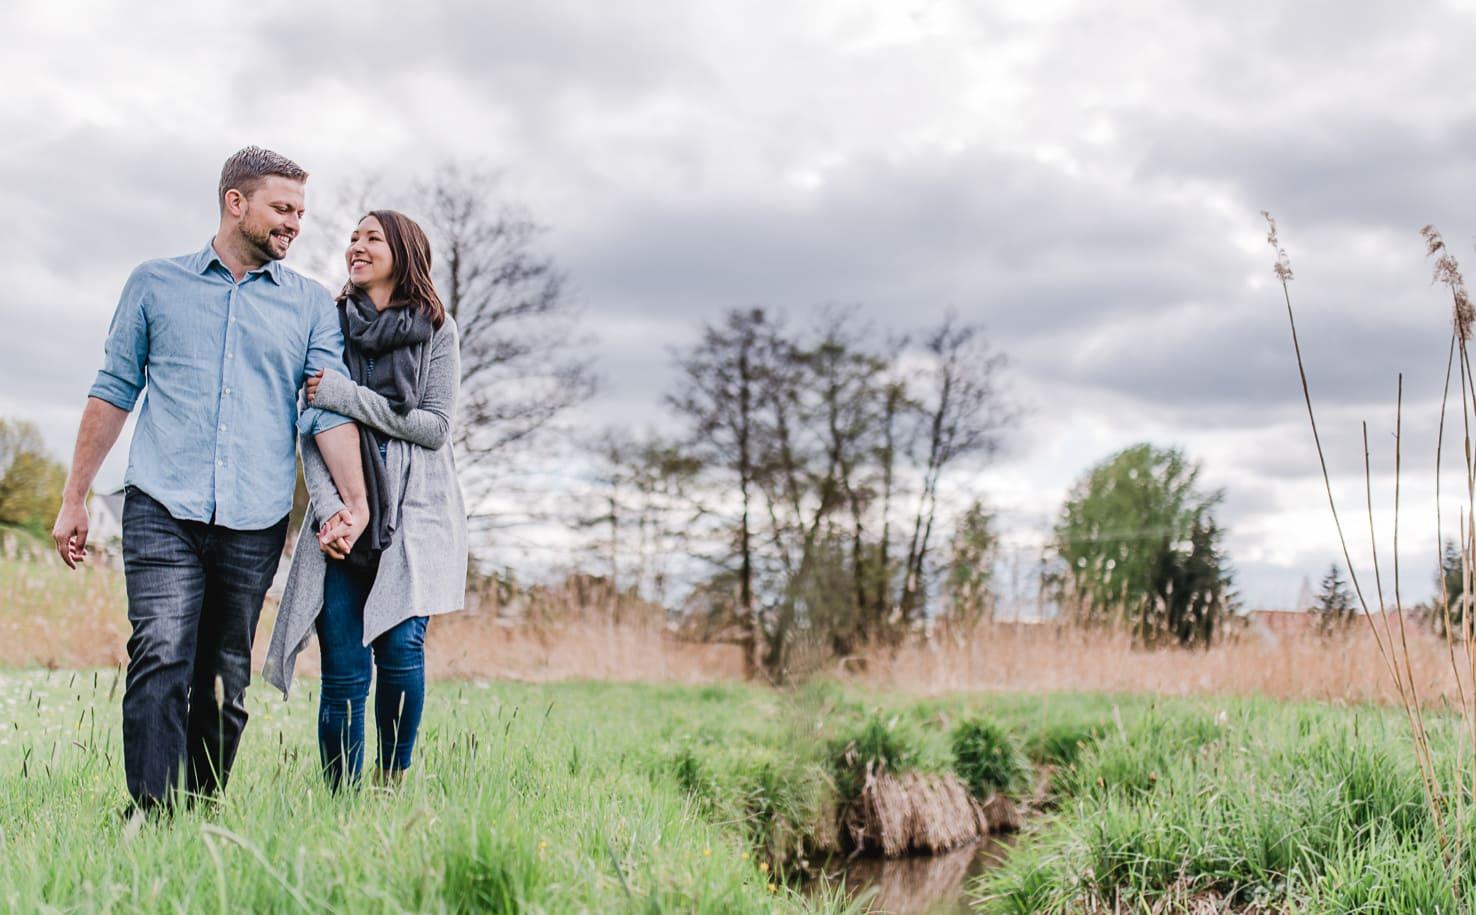 Engagementshooting auf dem Land, Pärchenfotos im Wald, Paarfotos bei Wolken und Wind, Paarfotos von Jung und Wild design bei und um München